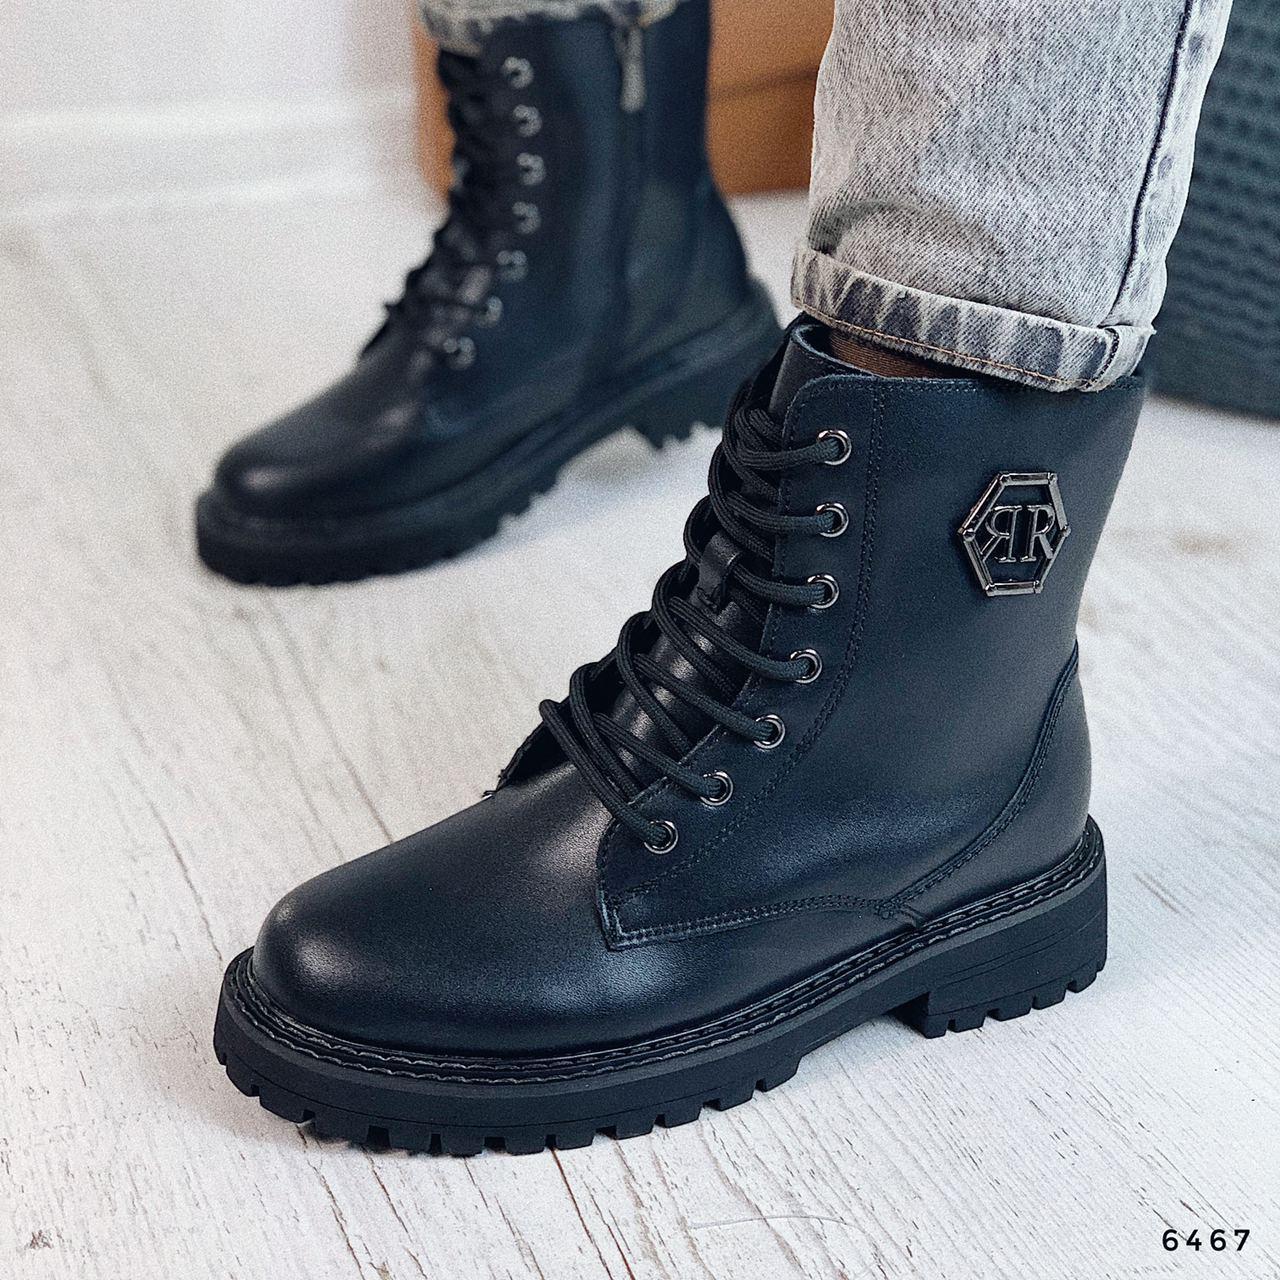 Ботинки женские черные, зимние из НАТУРАЛЬНОЙ КОЖИ. Черевики жіночі теплі чорні